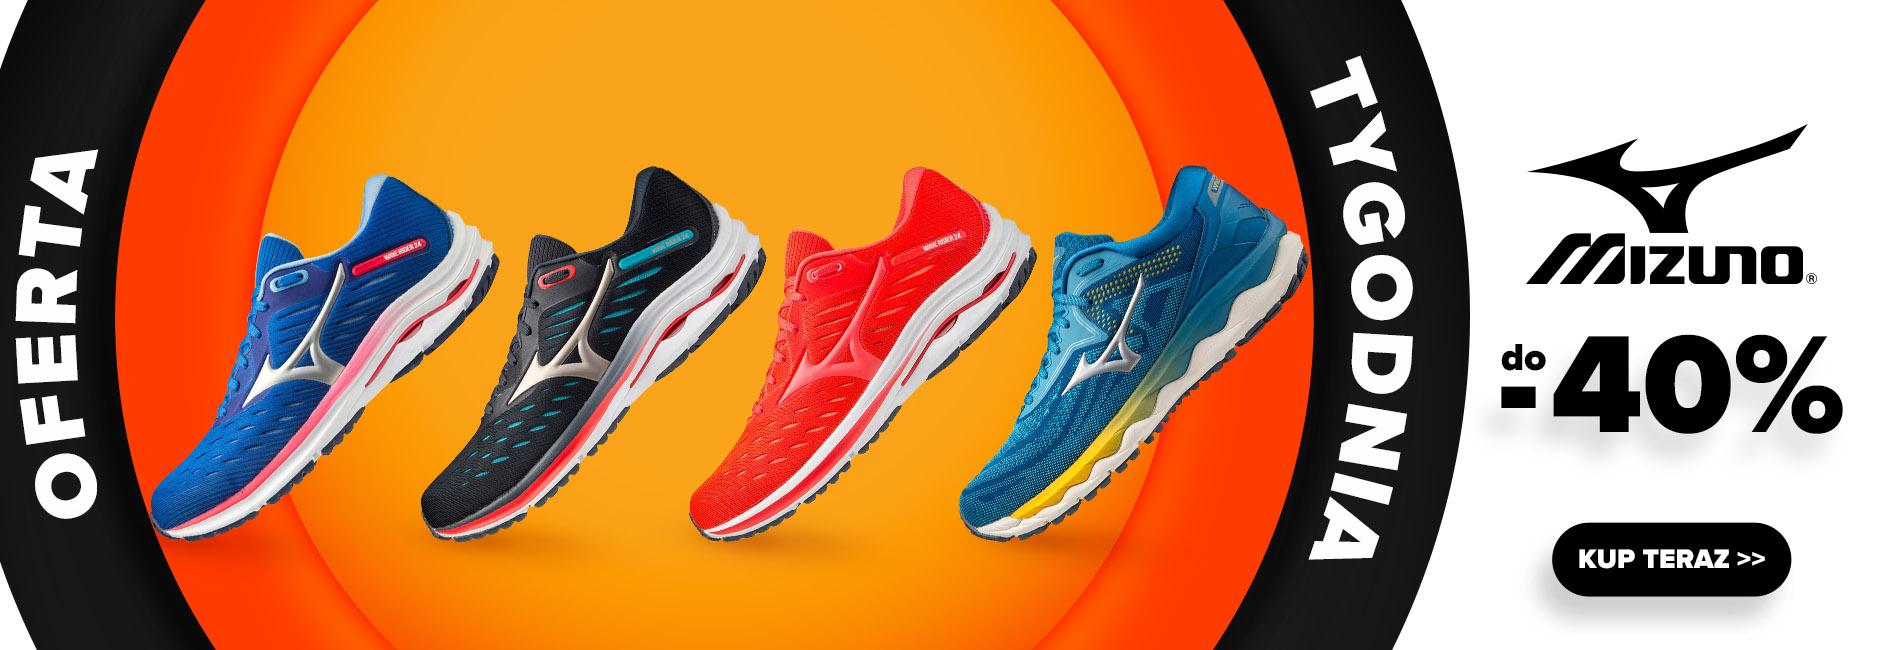 Sklep Biegacza: do 40% rabatu na obuwie do biegania marki Mizuno